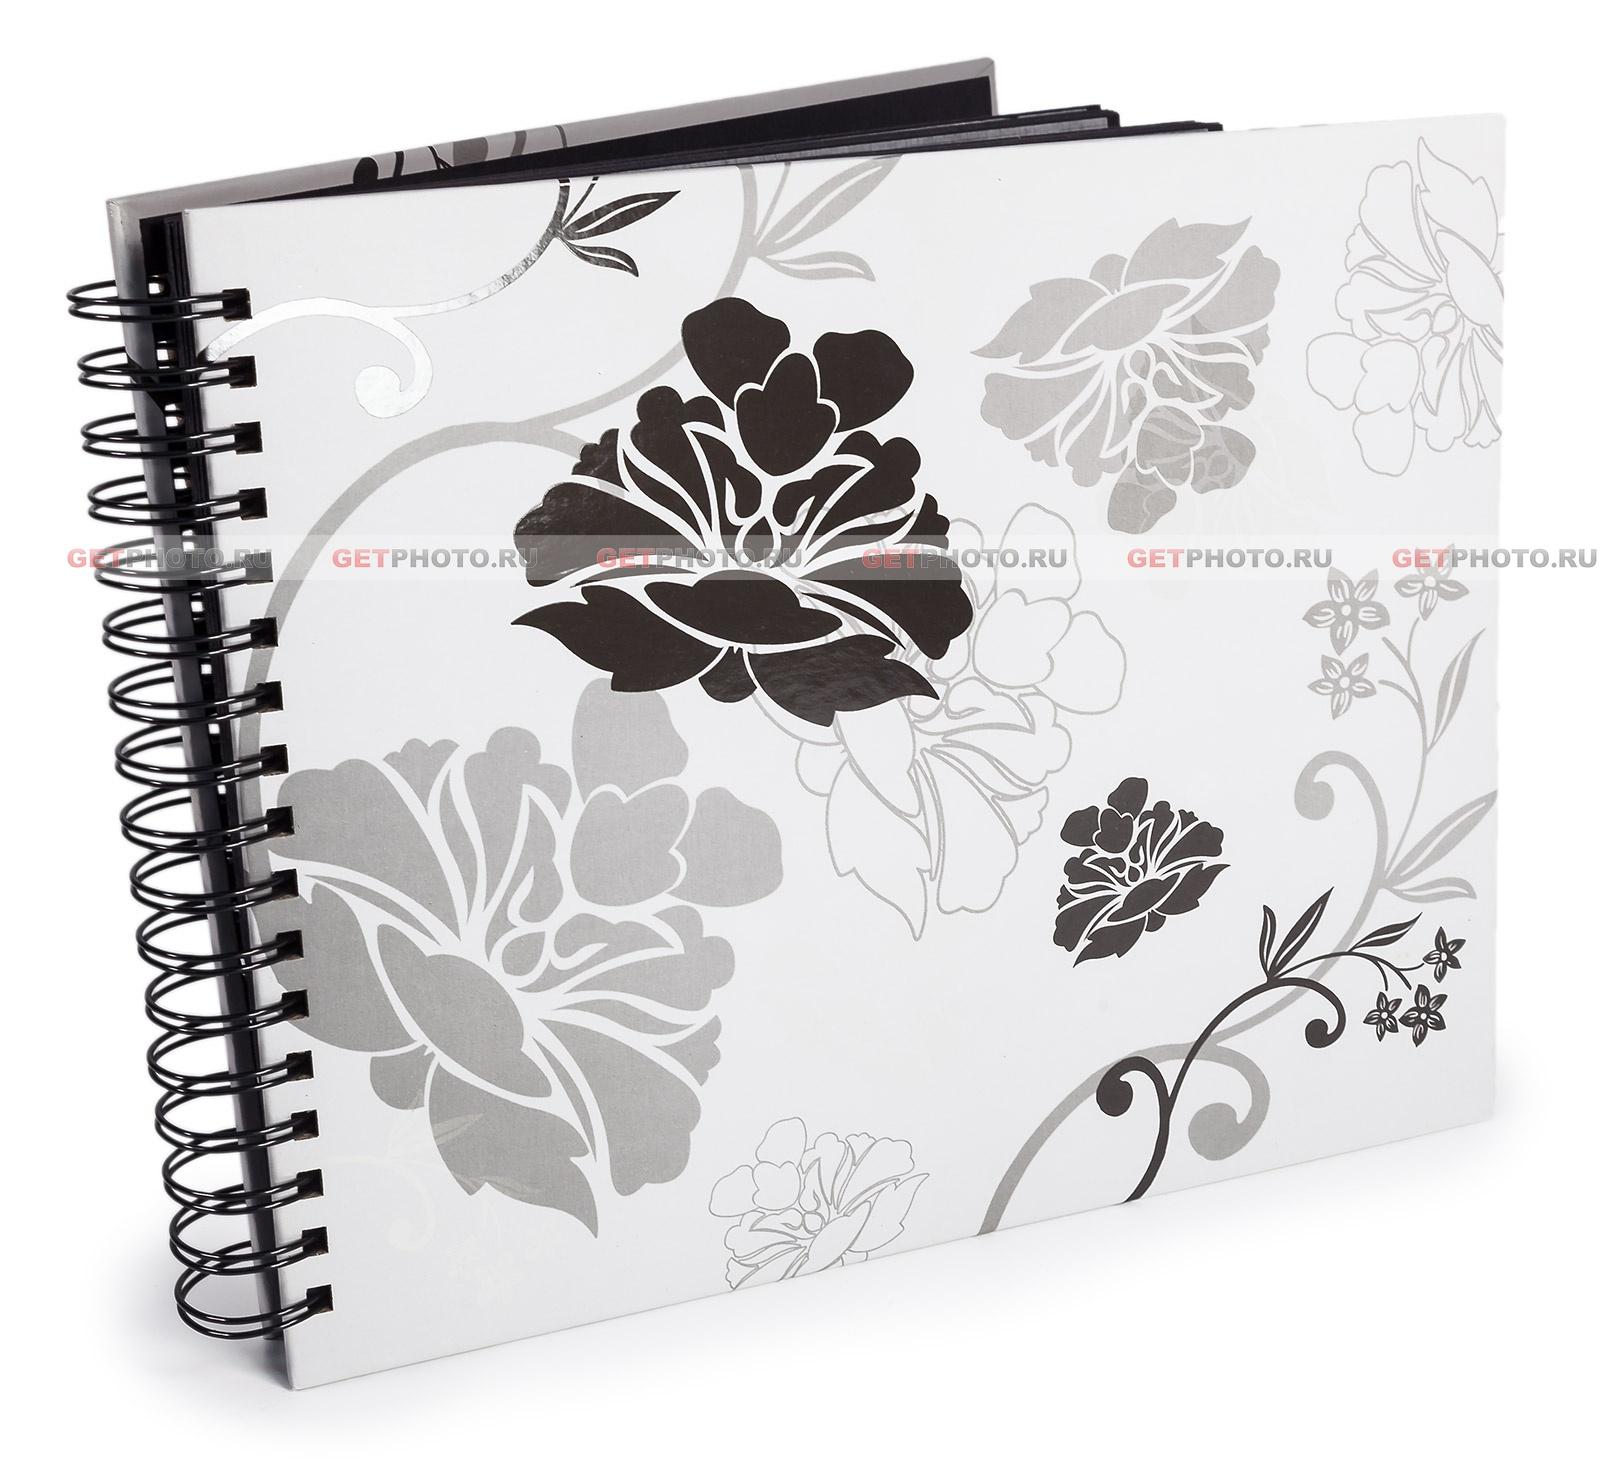 Альбомы для фотографий с бумажными листами своими руками: http://vk363.ru/albomy-dlya-fotografiy-s-bumazhnymi-listami-svoimi/